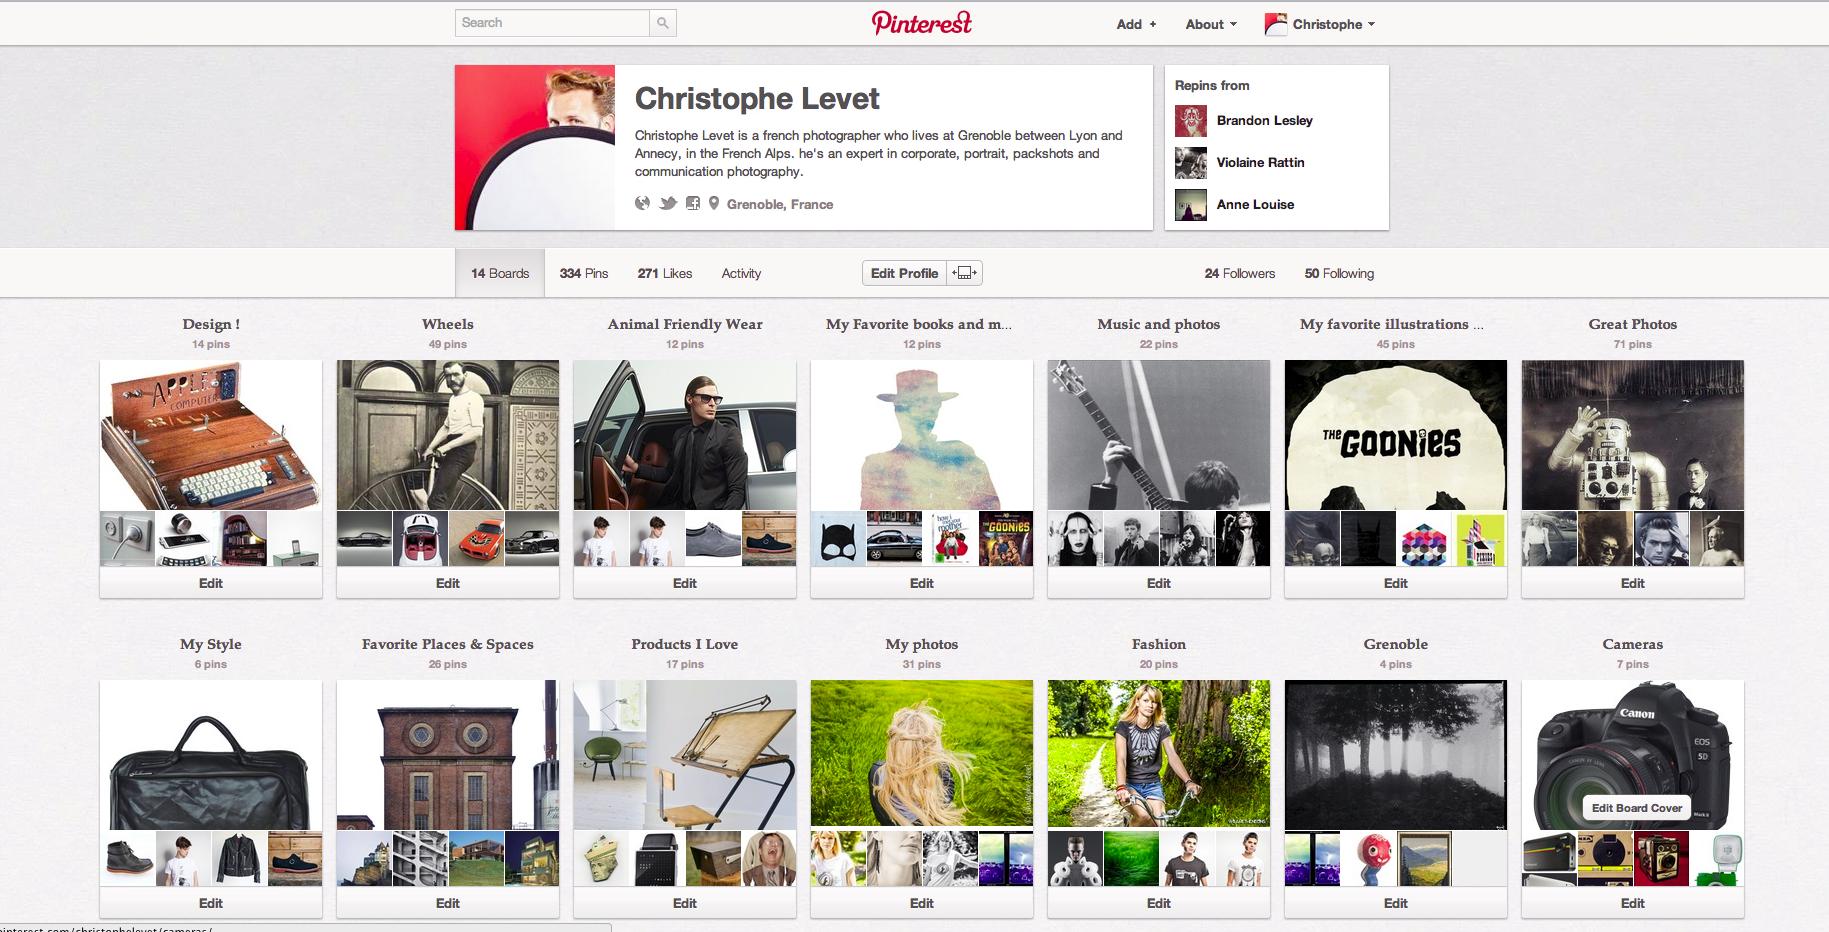 La page Pinterest de Christophe Levet Photographe